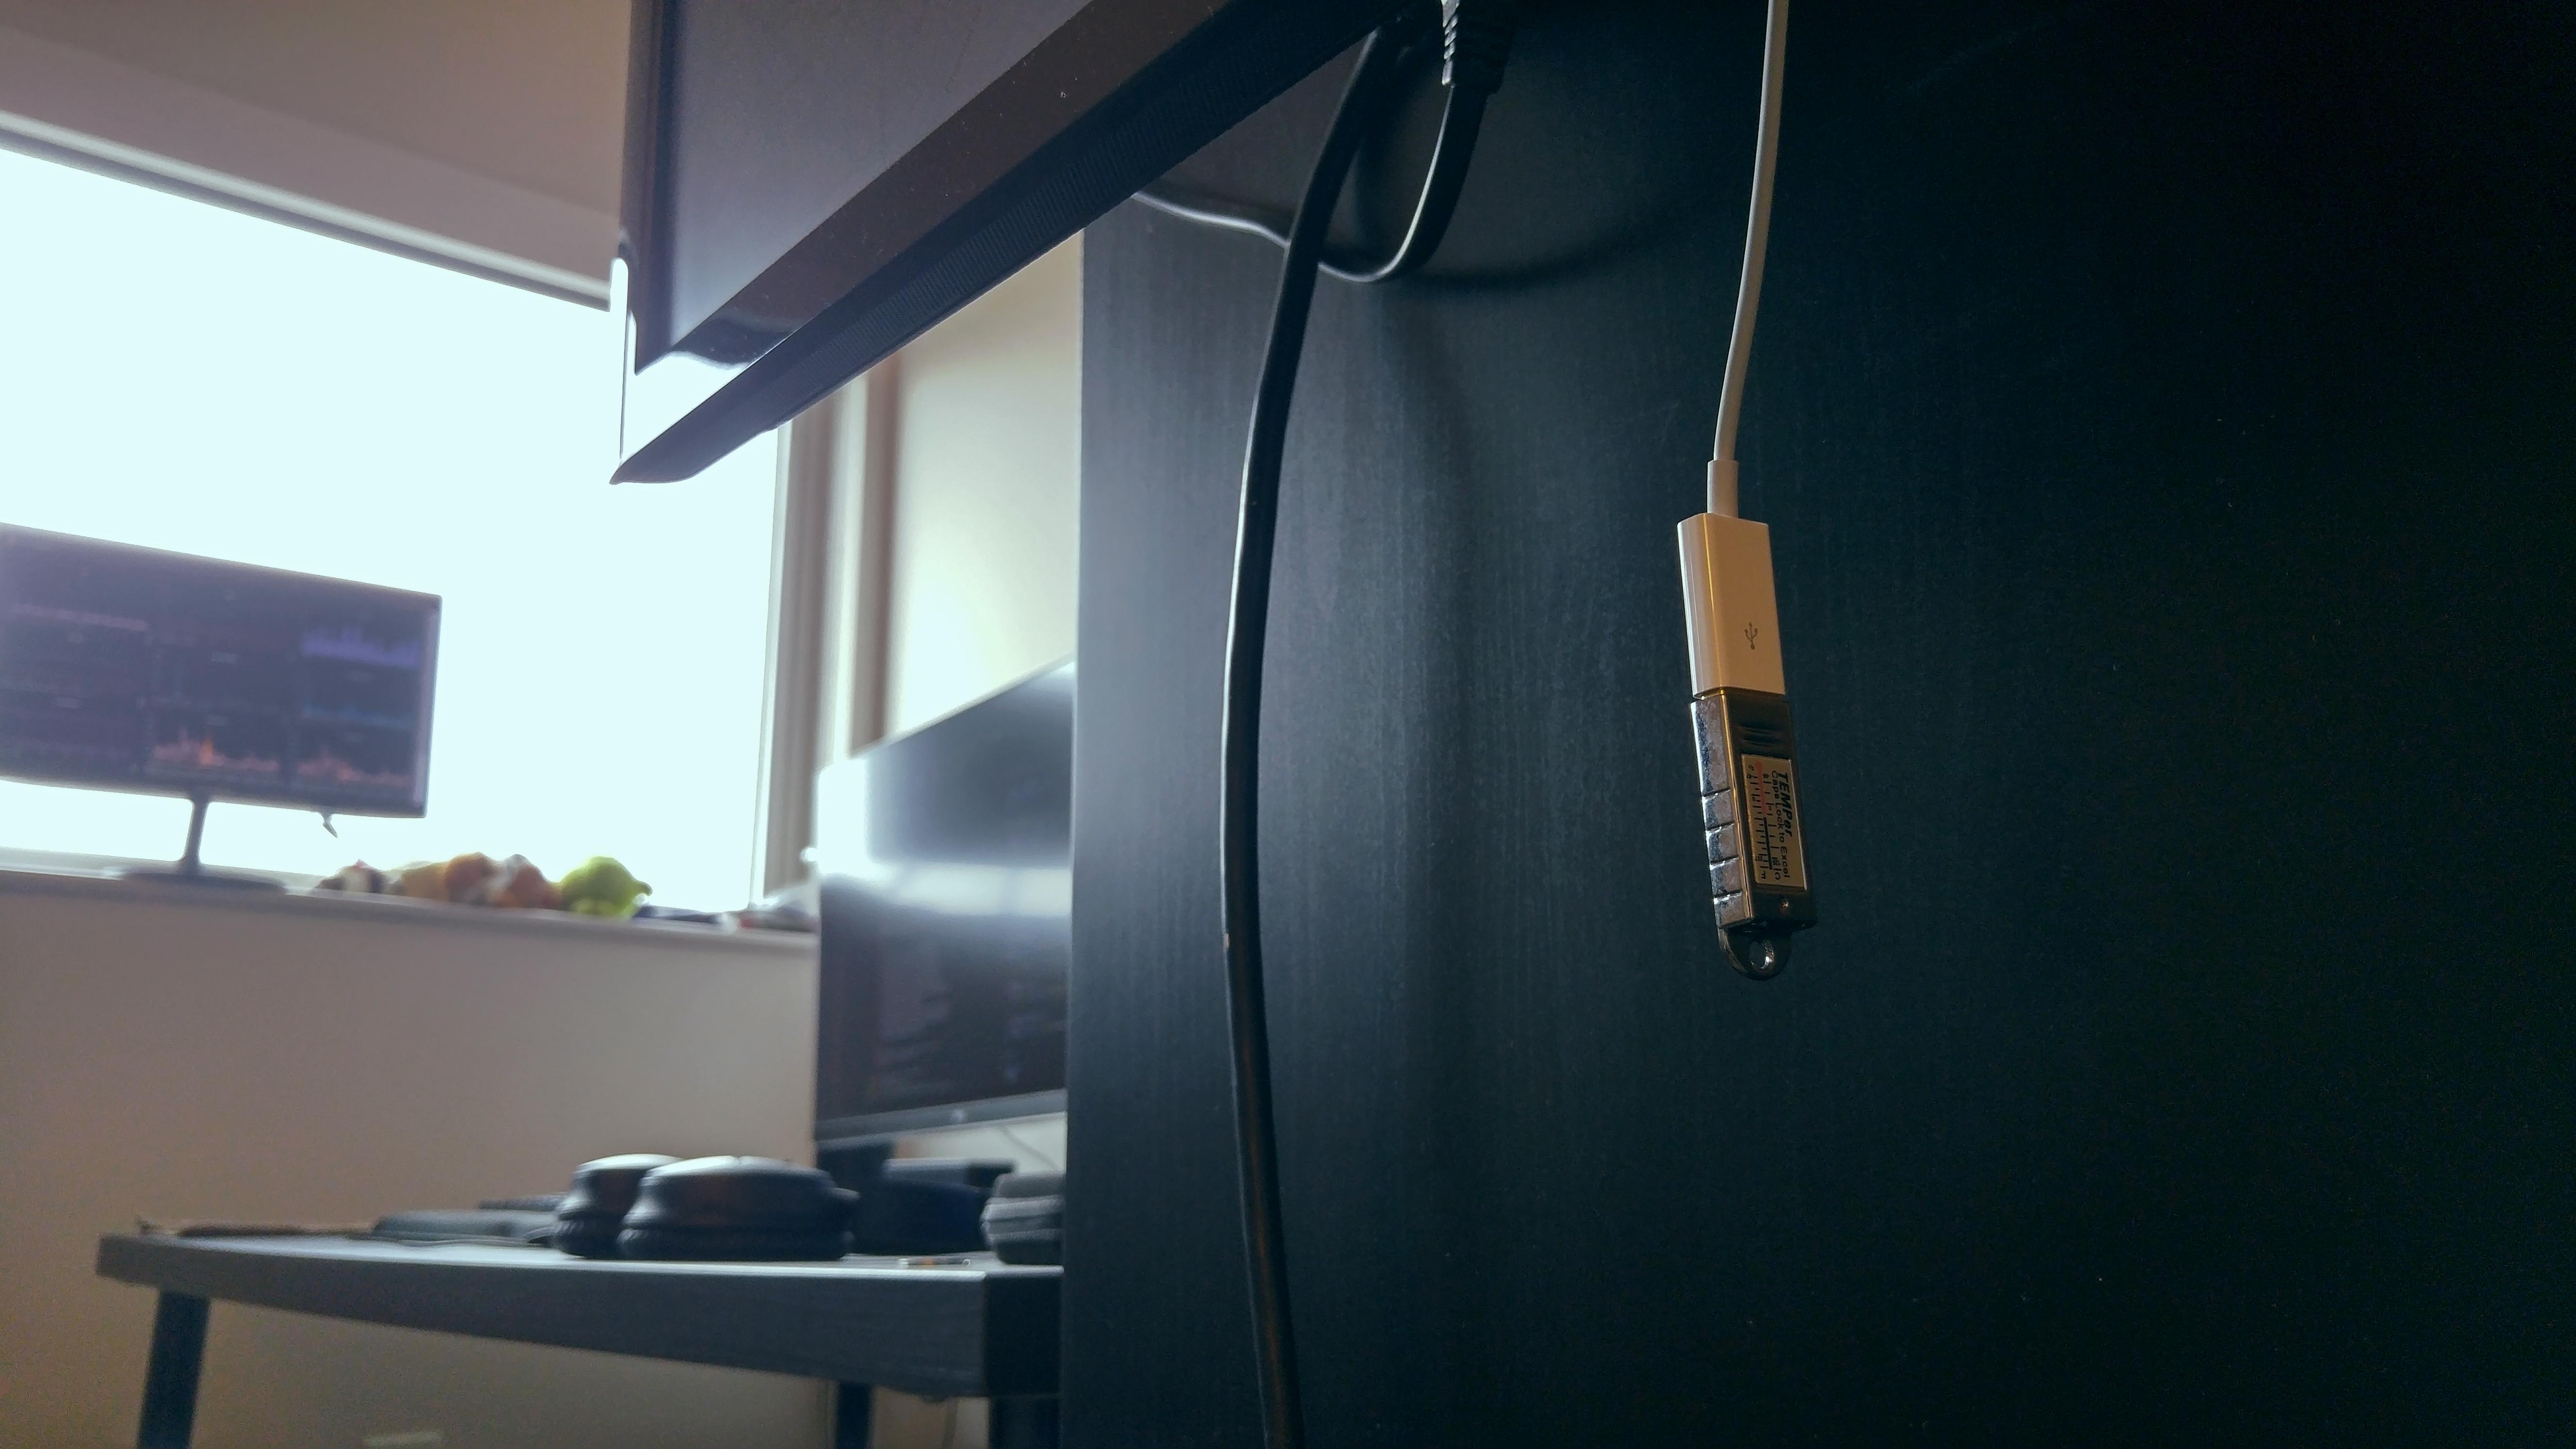 Temper USB